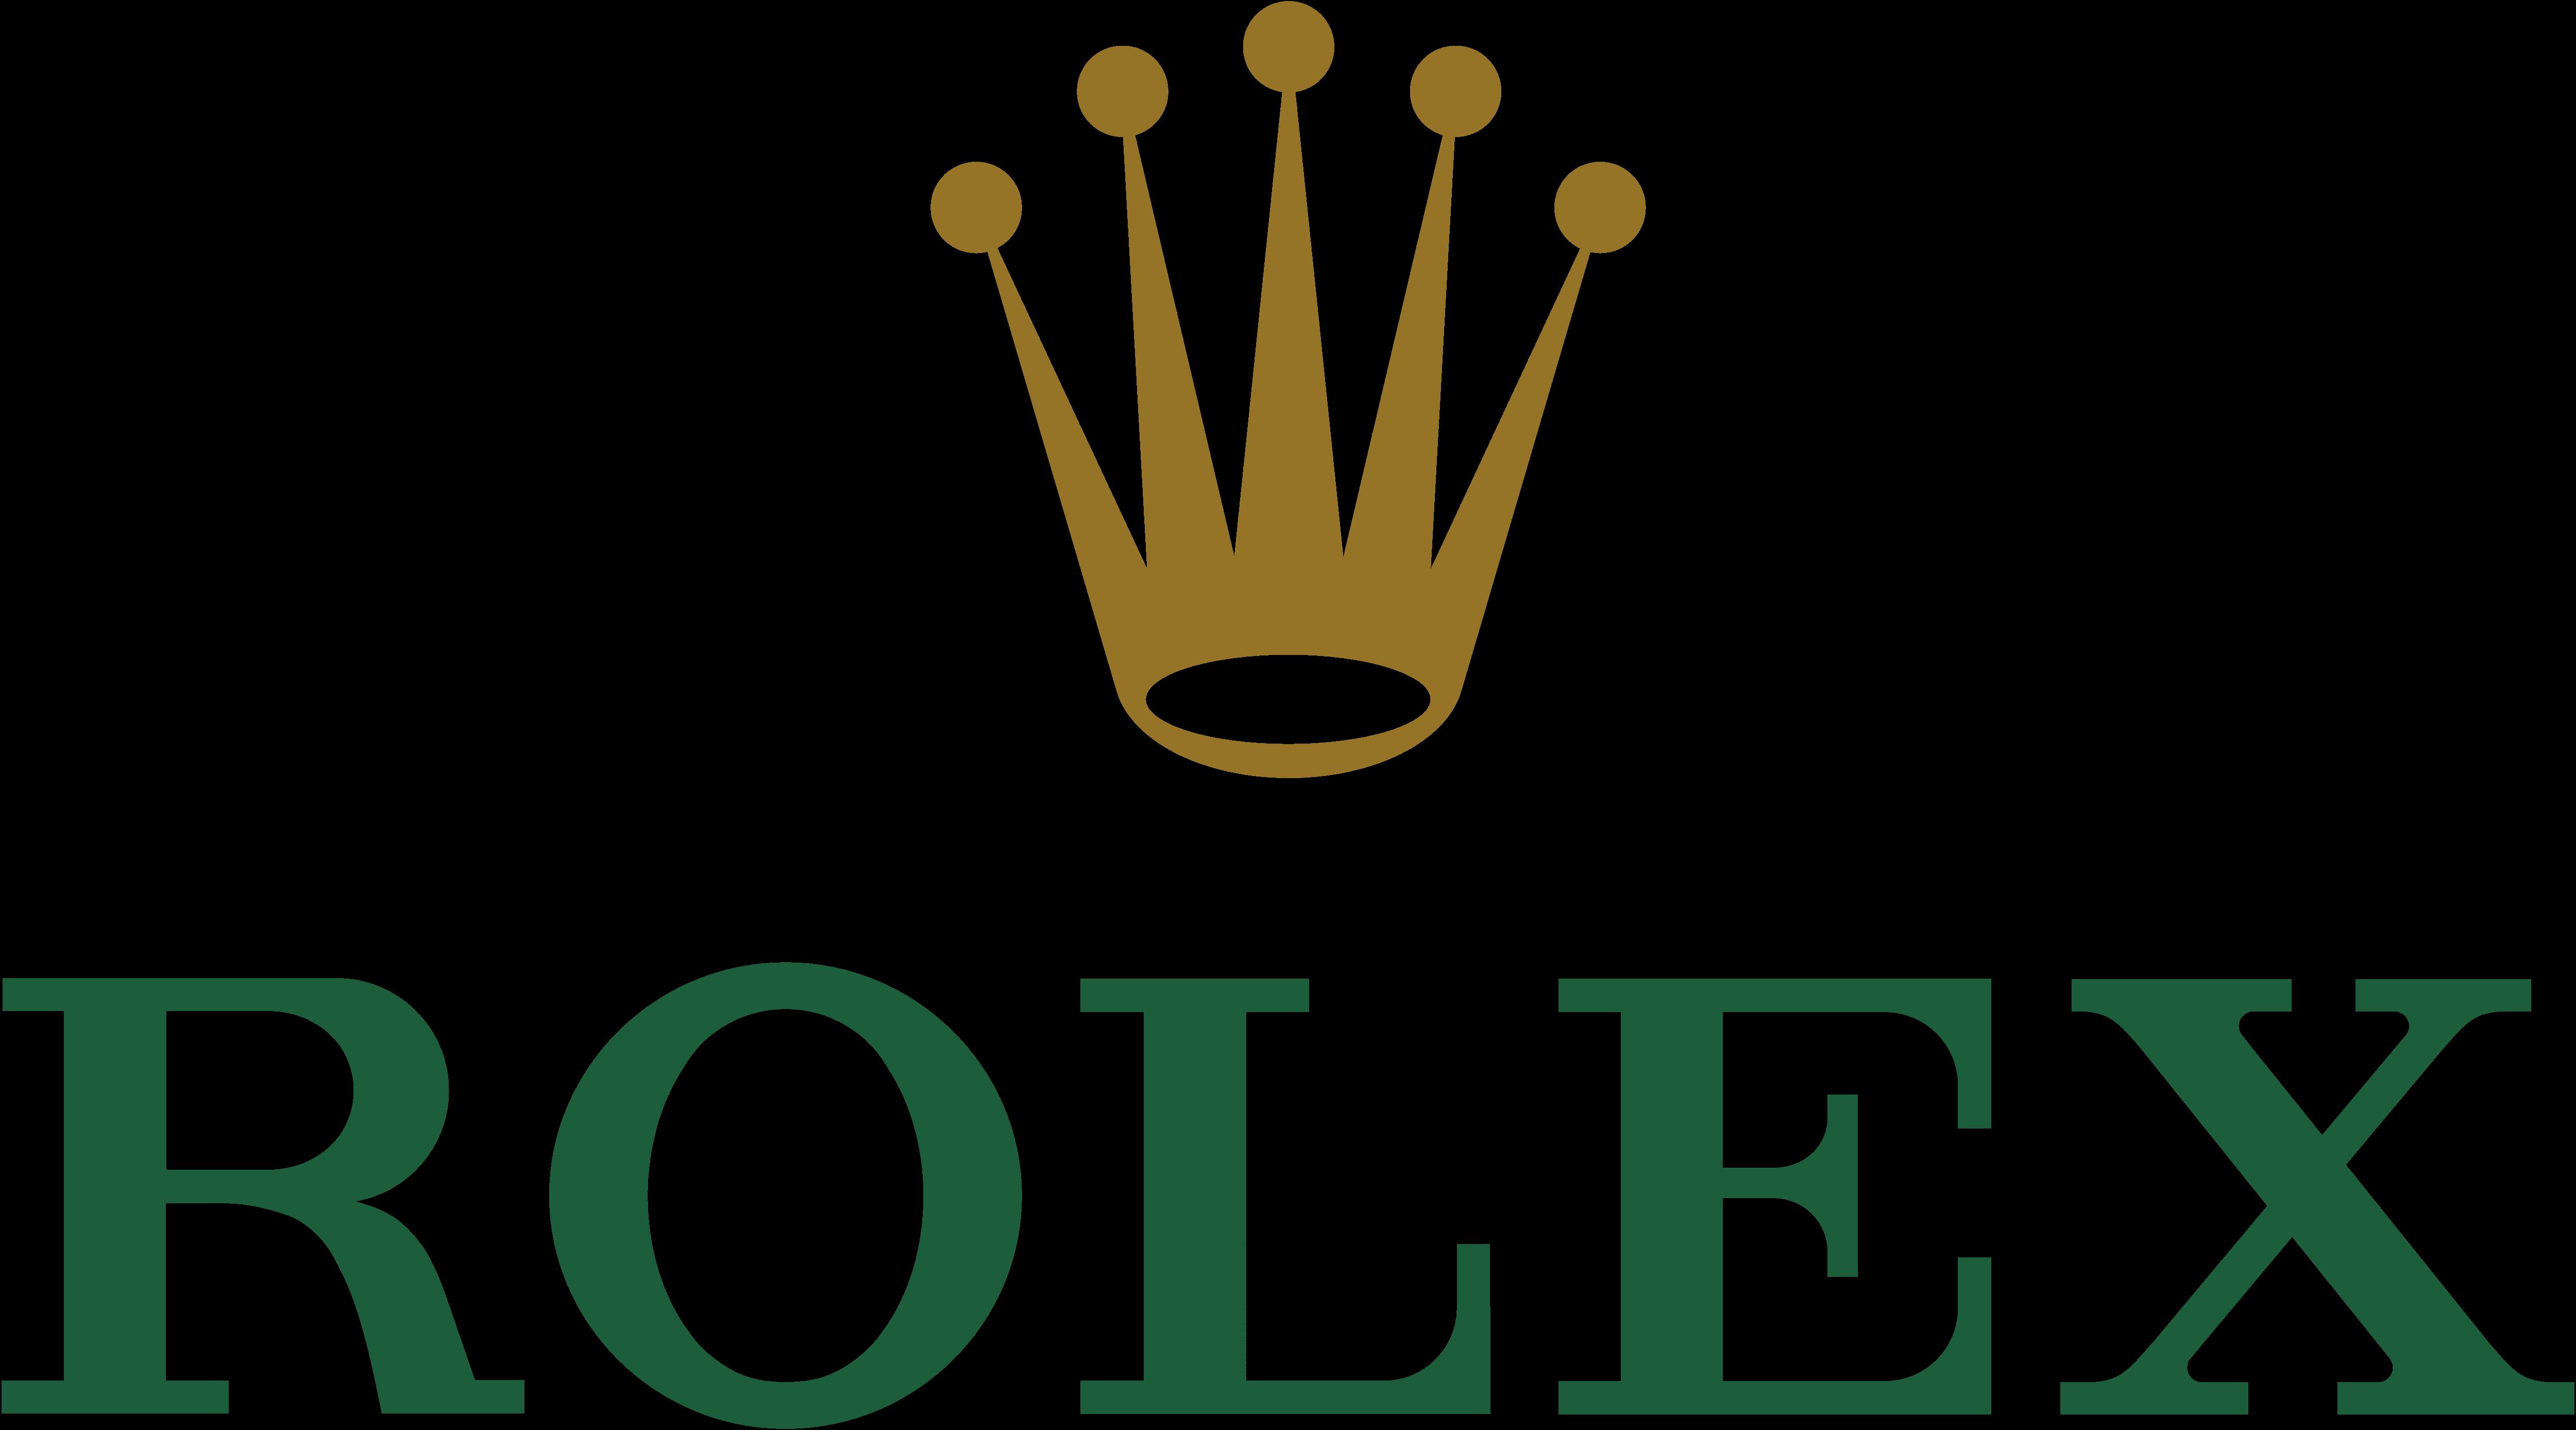 Rolex Png Logo.